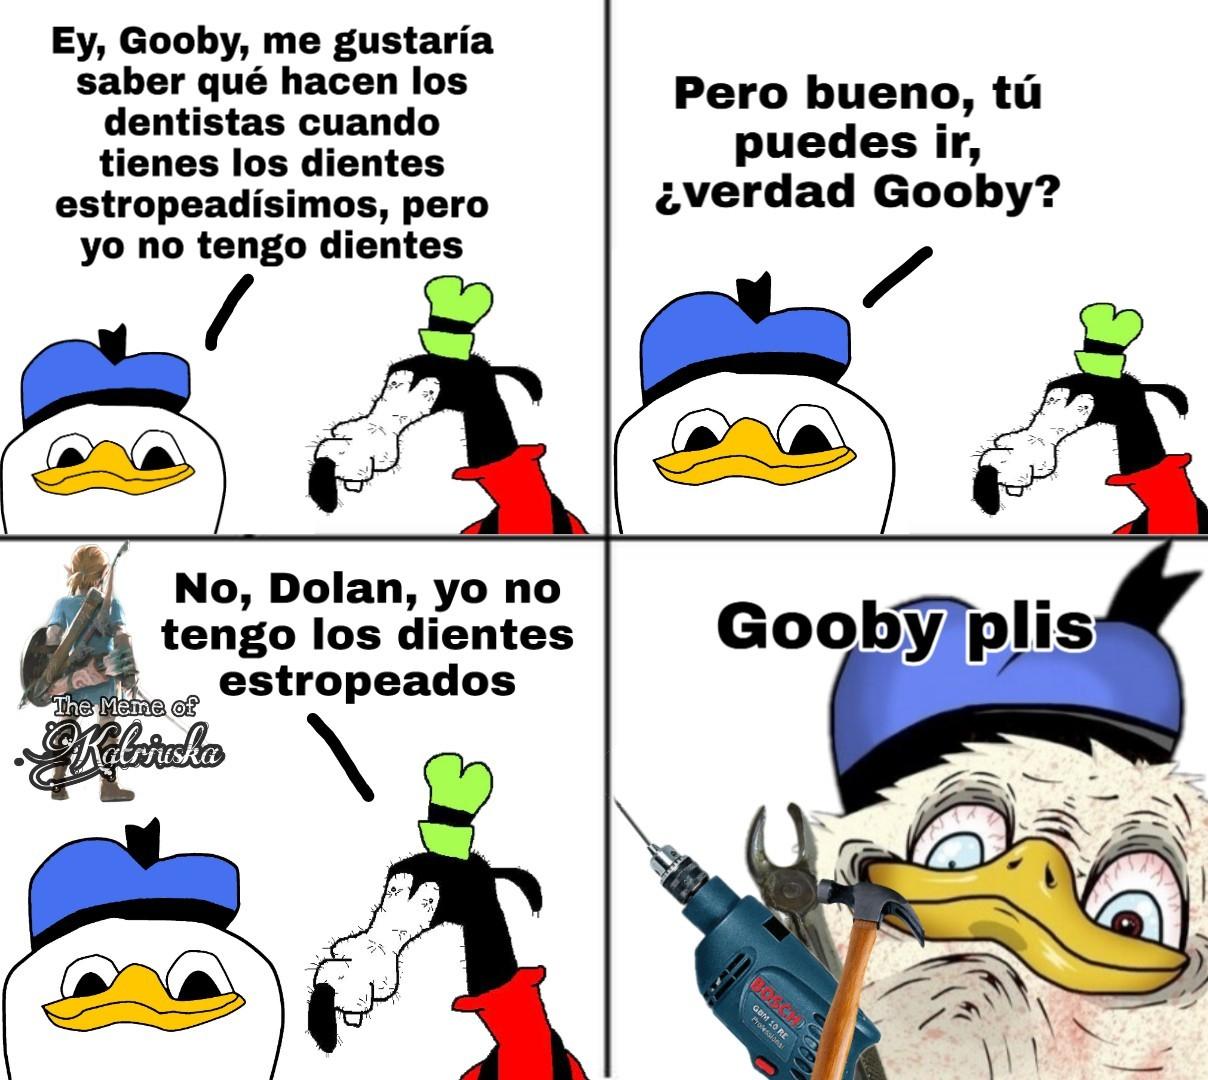 Gooby plis - meme